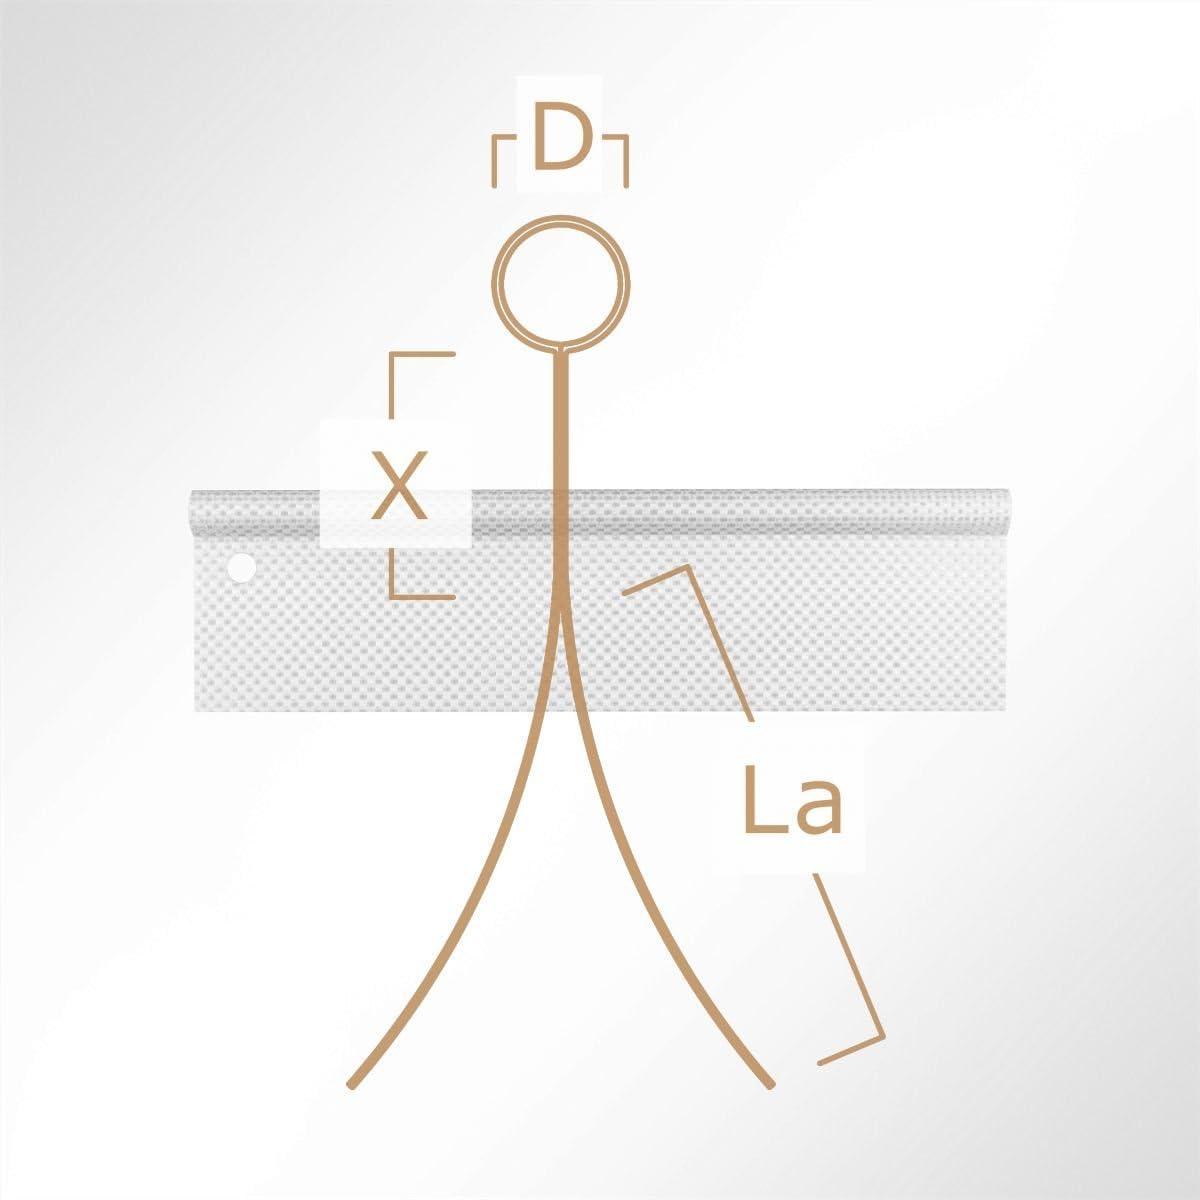 L 20m LYSEL Kederband 6,50mm doppelfahnig wei/ß,